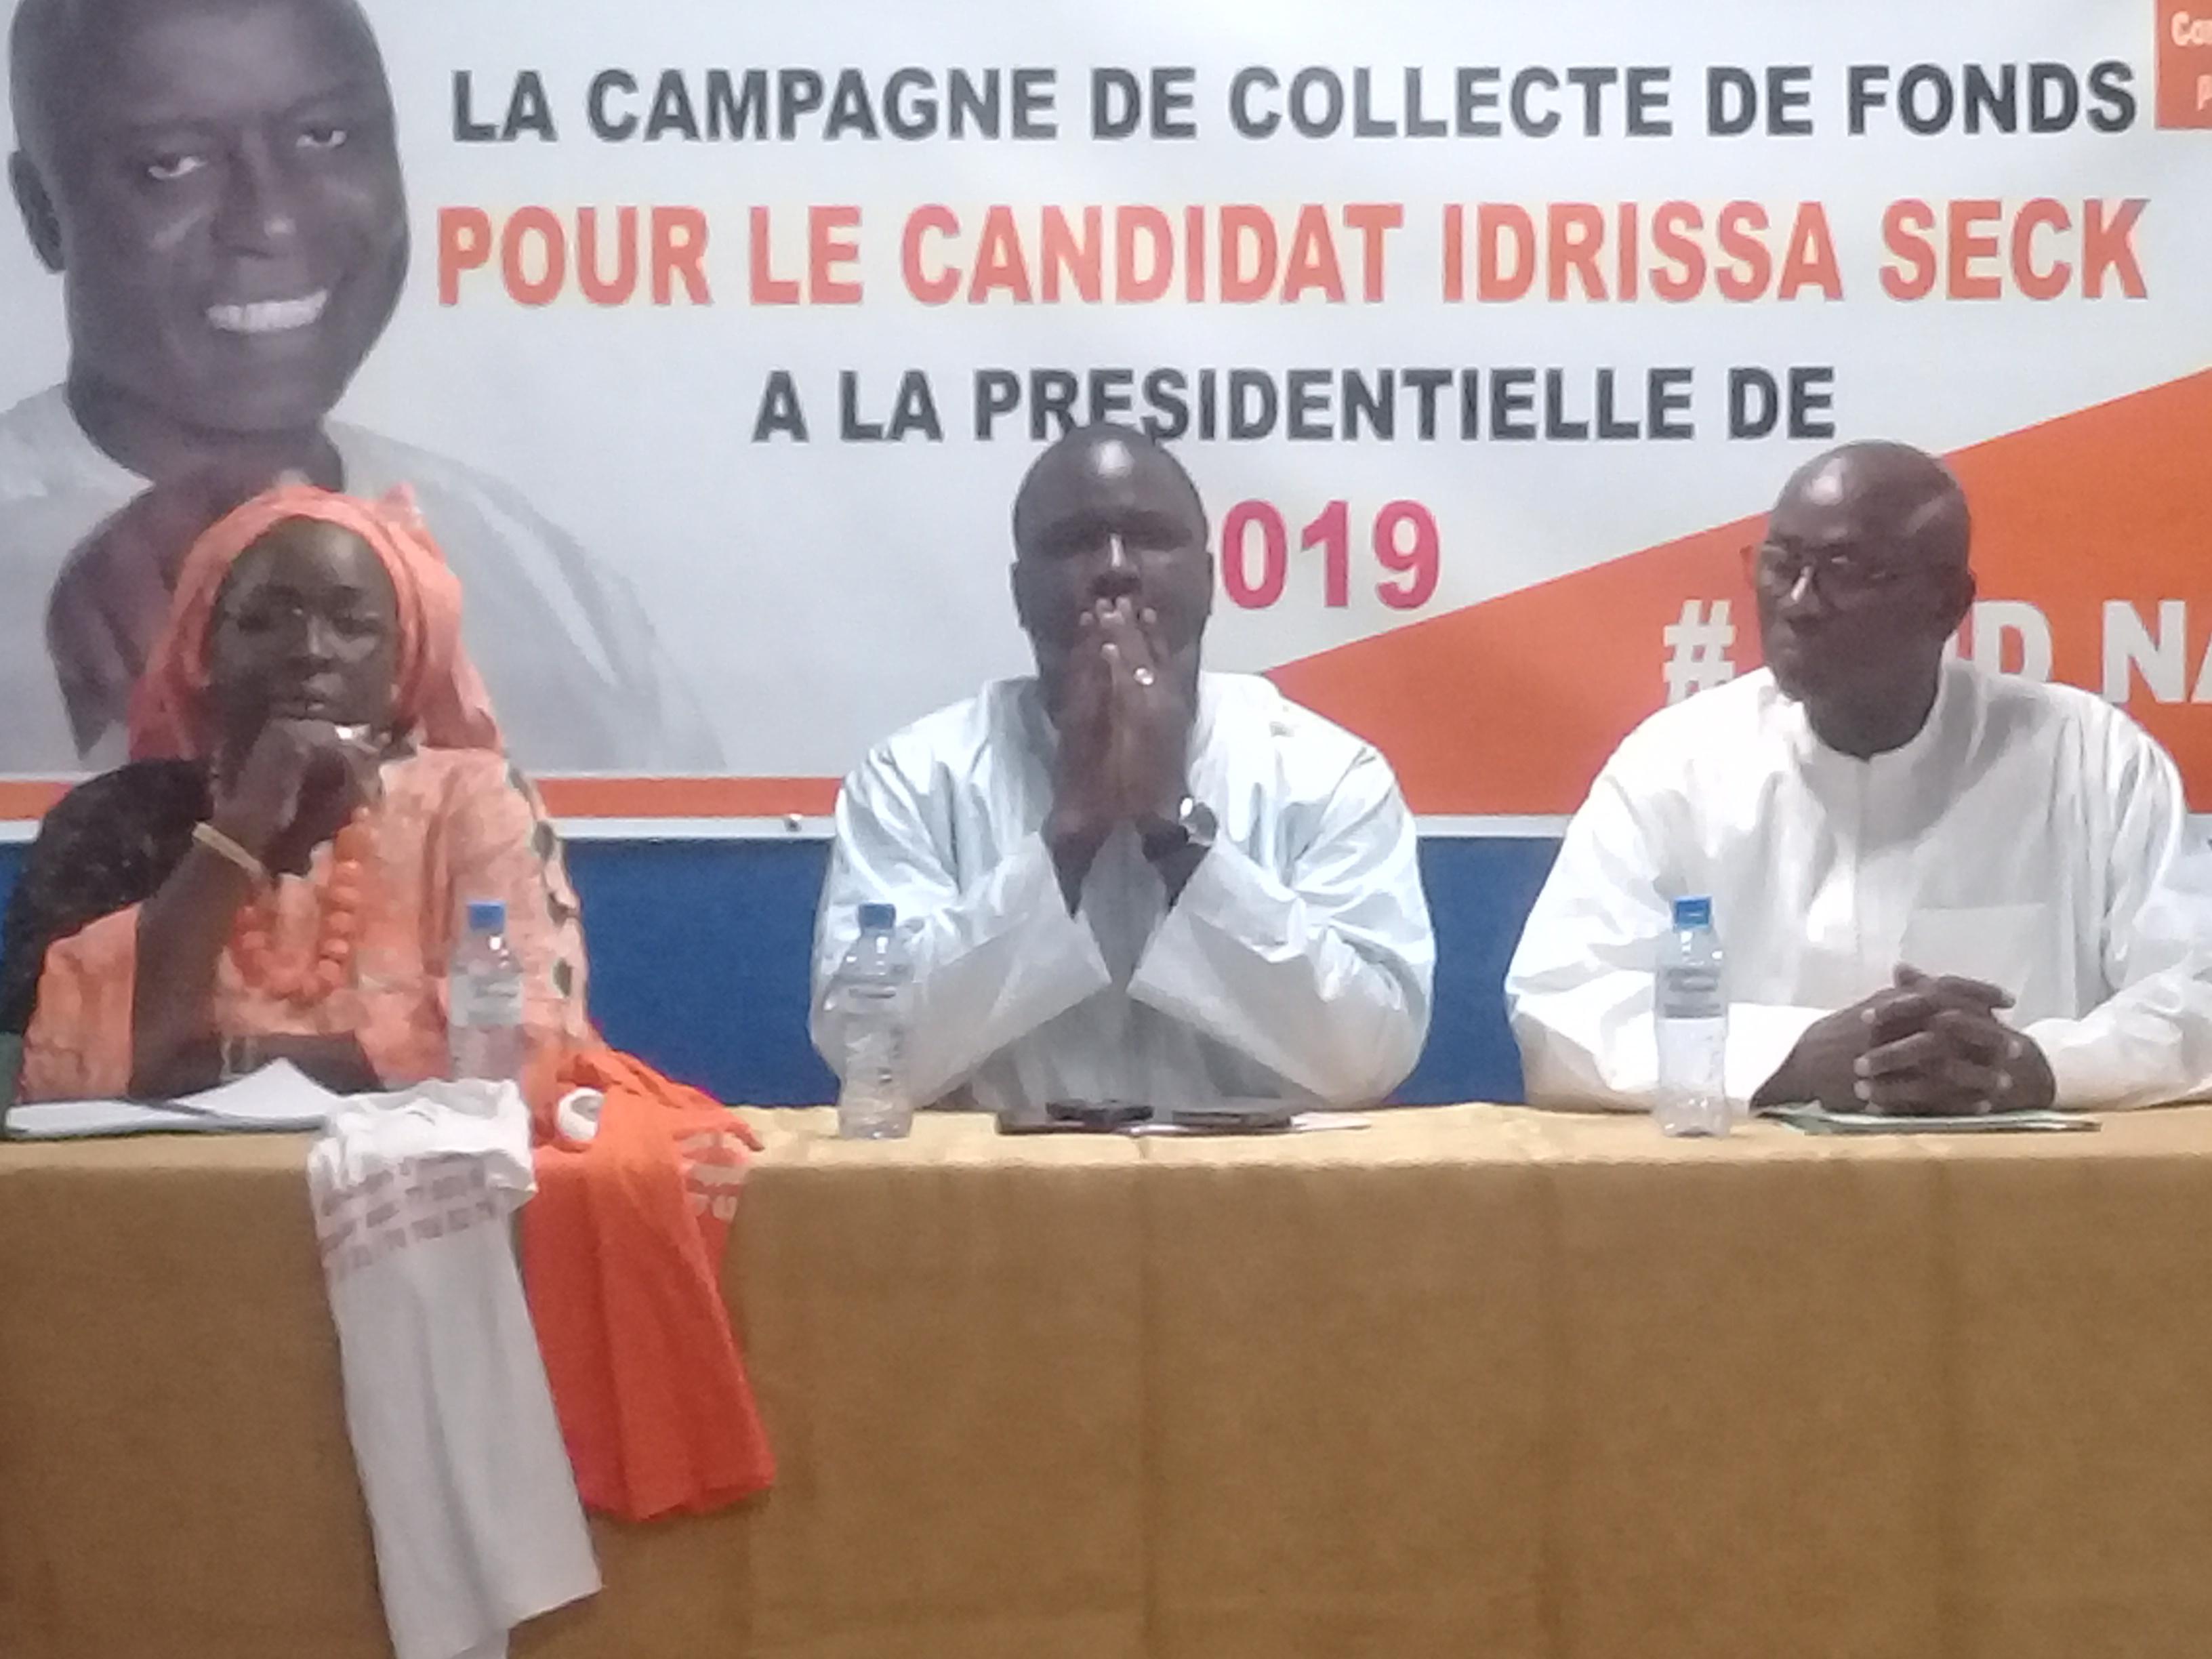 Présidentielle 2019 : Les Rewmistes veulent mobiliser plus de 2 milliards pour financer Idrissa Seck